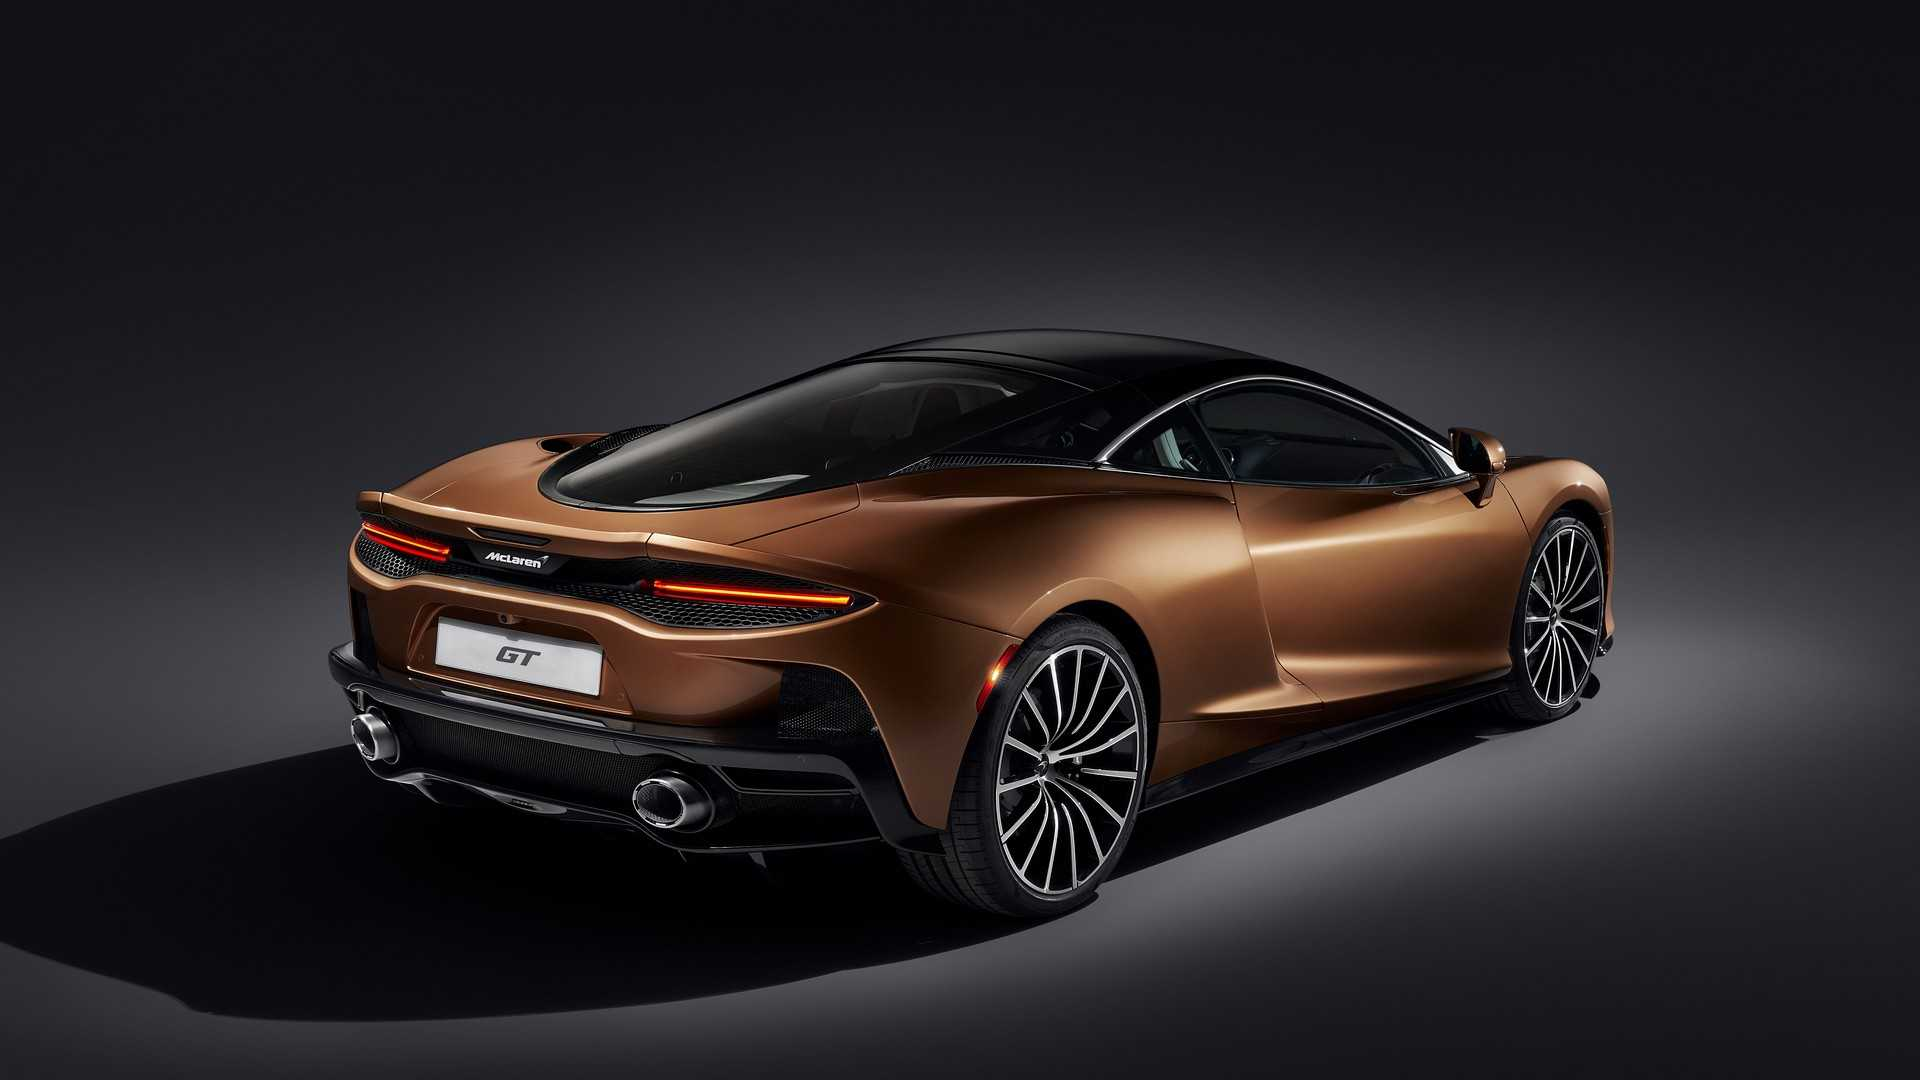 2020 McLaren GT Rear Three-Quarter Wallpapers (11)